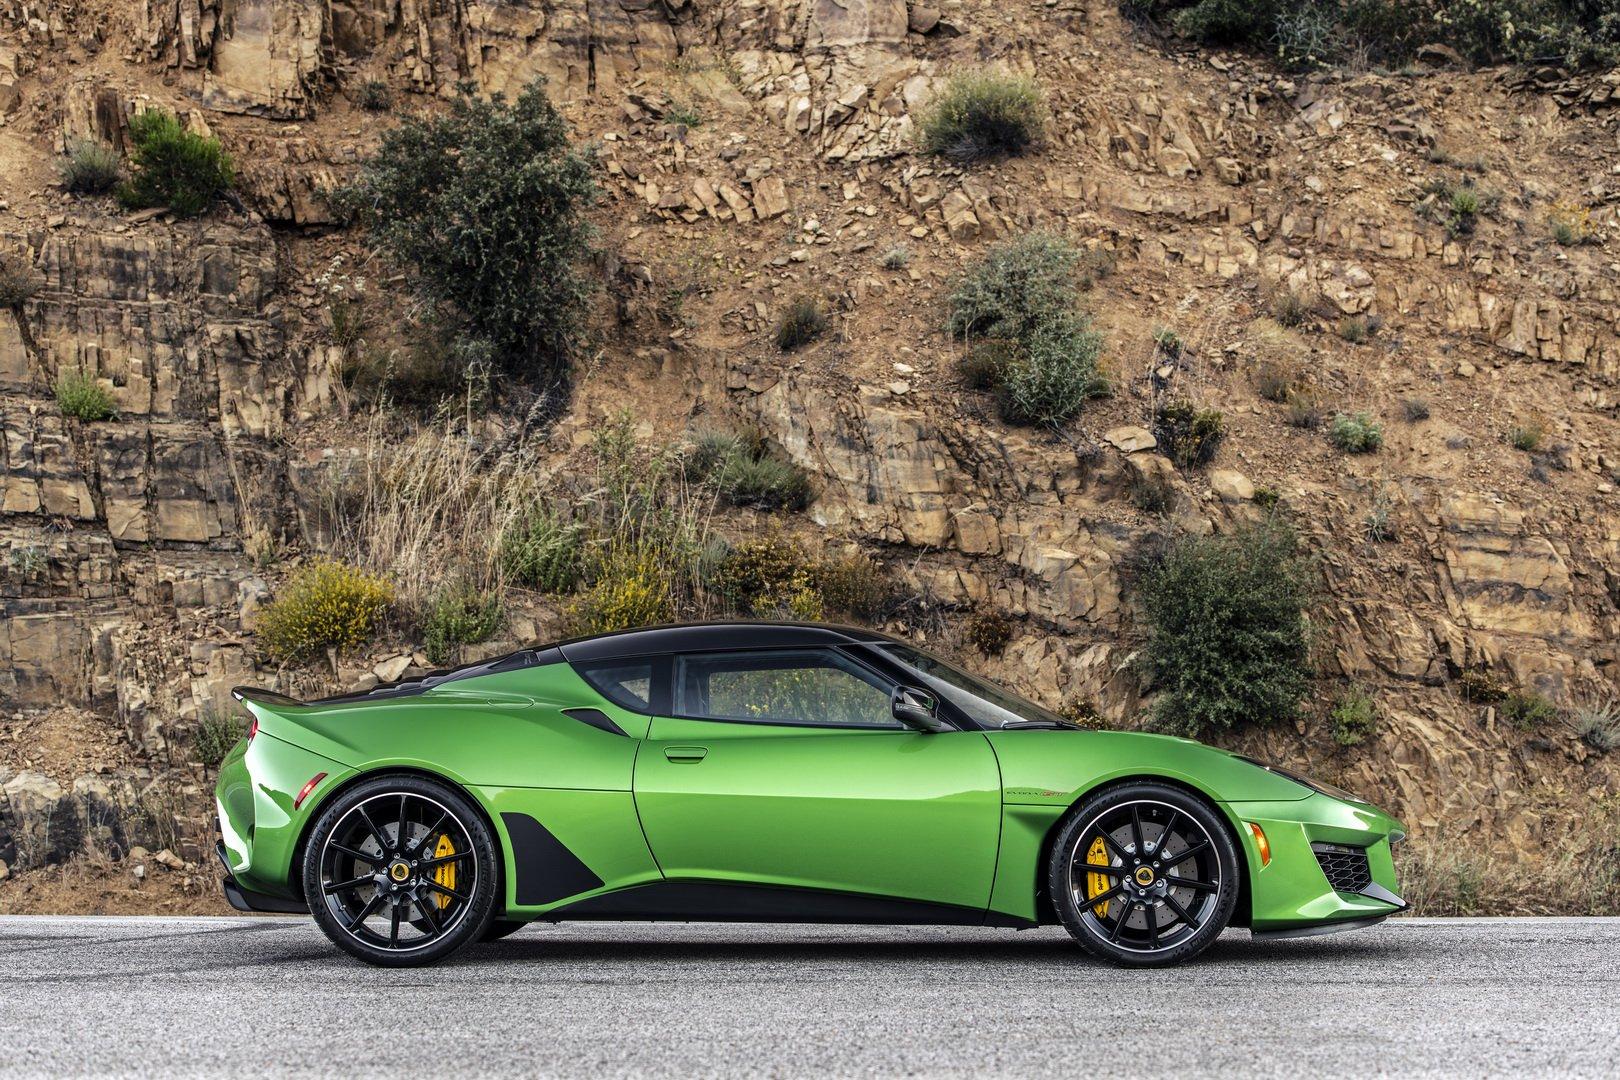 Lotus-Evora-GT-2020-14